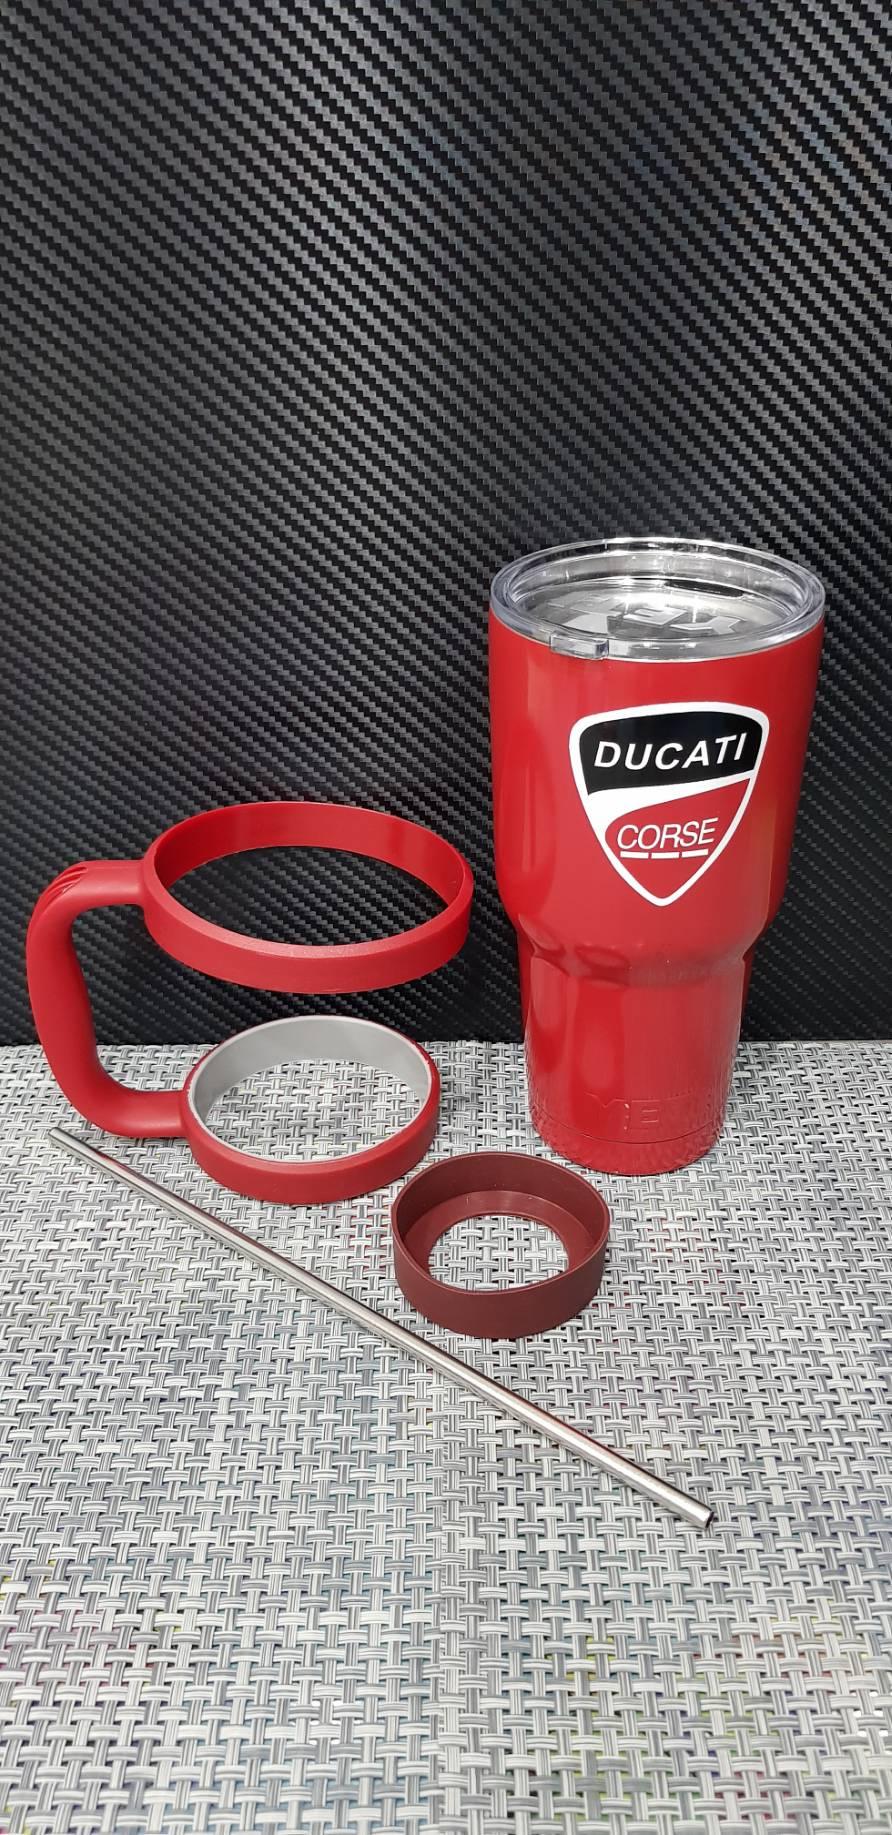 ชุดแก้วเยติ 30 ออนซ์ พื้นสีแดง โลโก้ Ducati